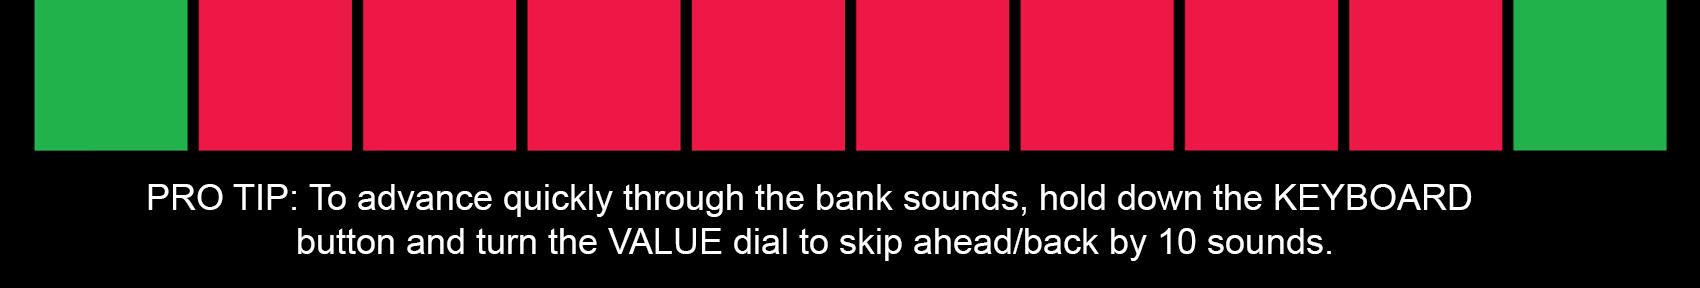 touch bassline pro tip 5